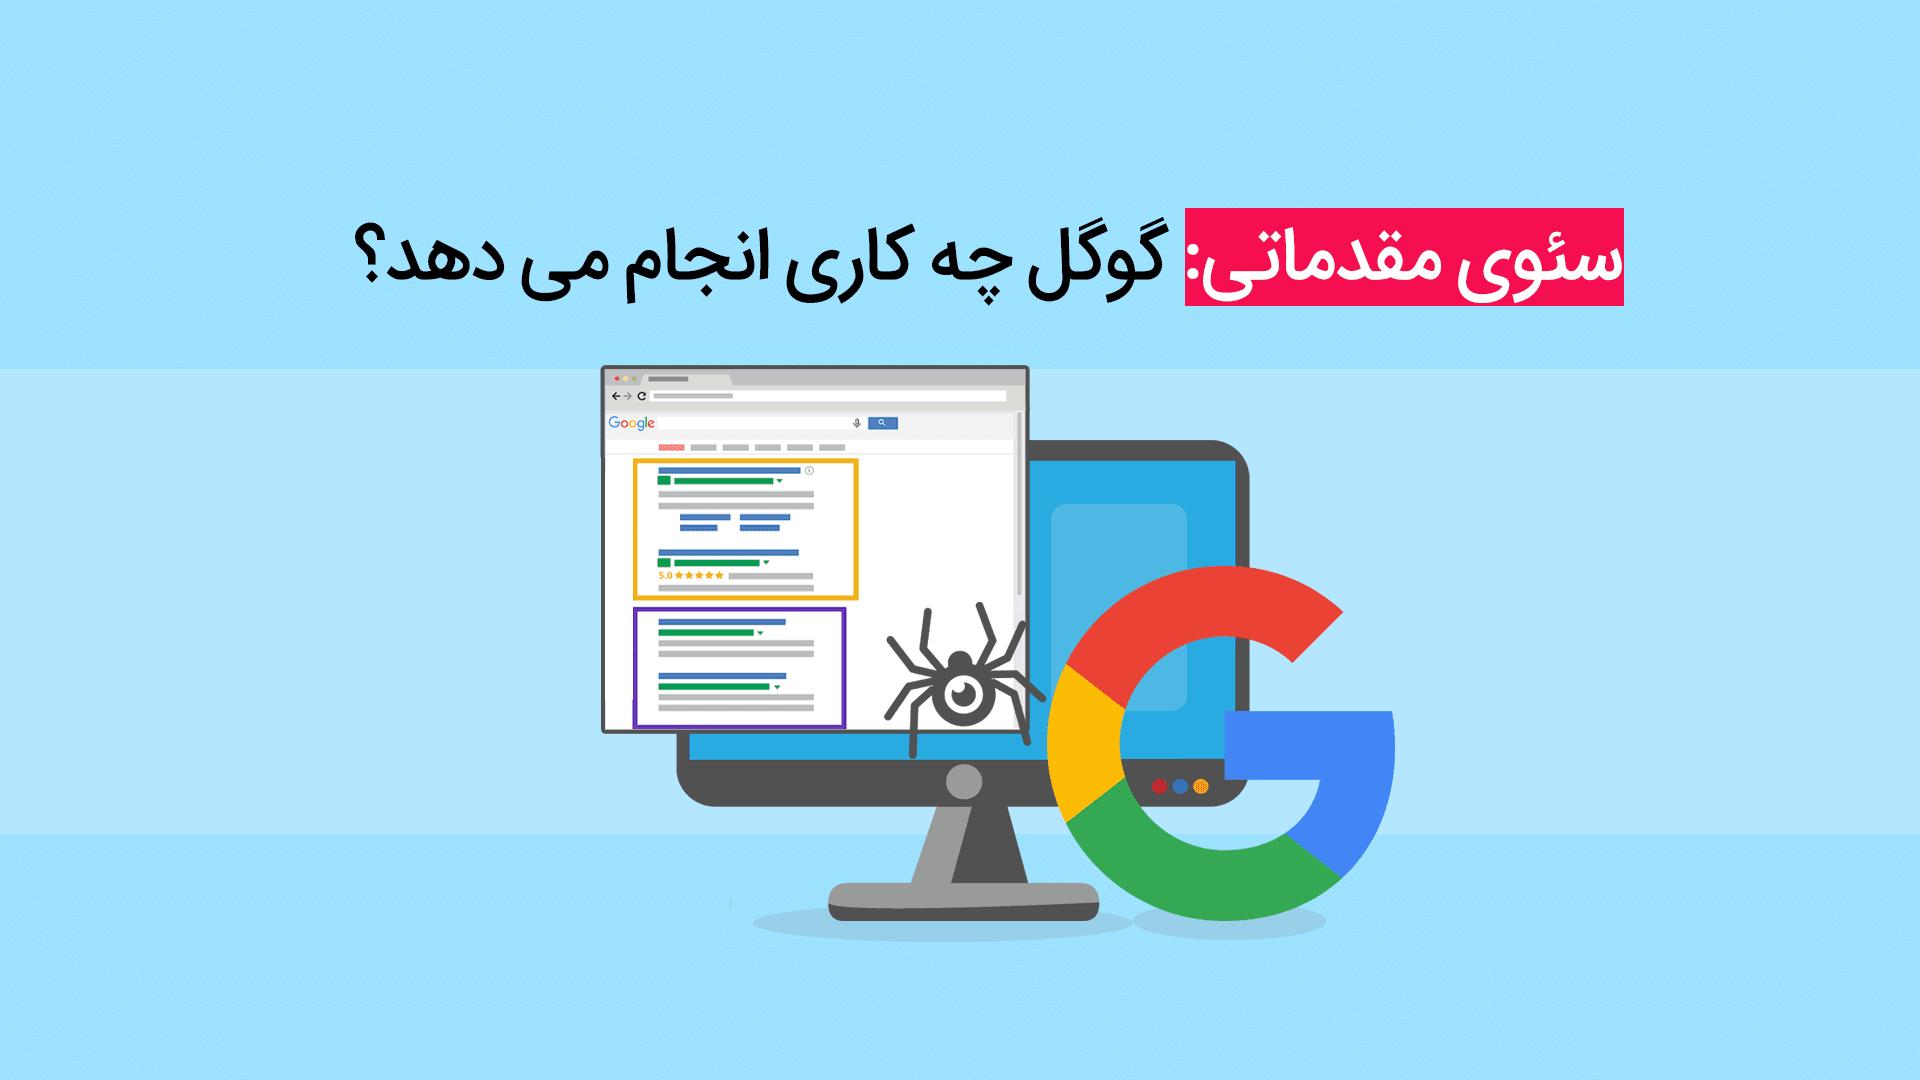 سئوی مقدماتی: گوگل چگونه کار می کند ؟